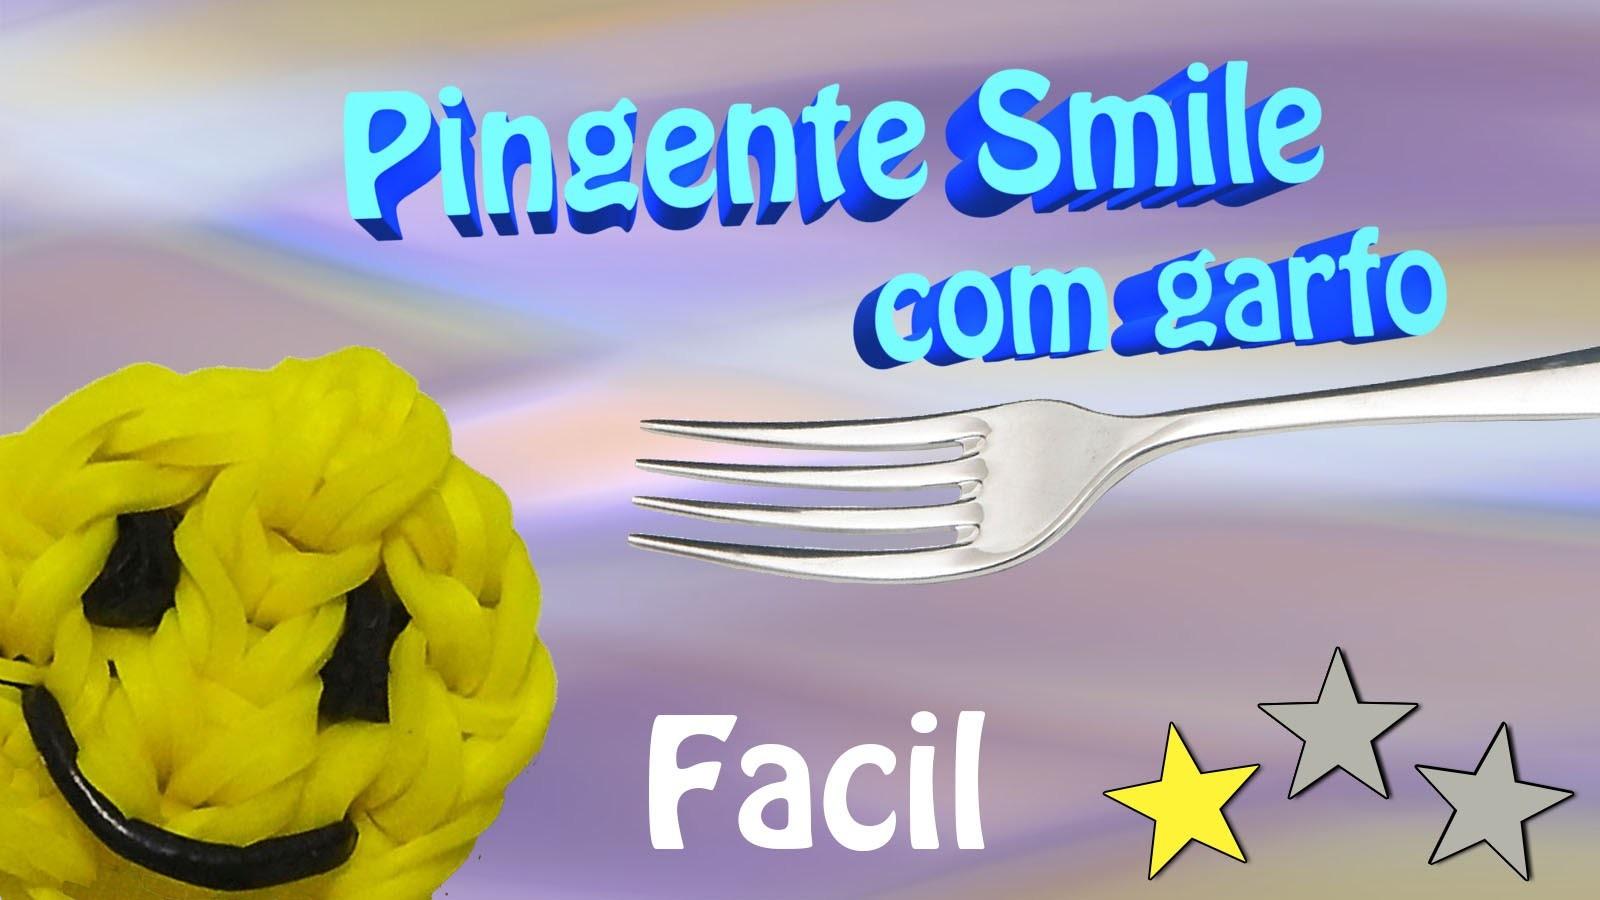 Como Fazer um Pingente Smile usando dois garfos